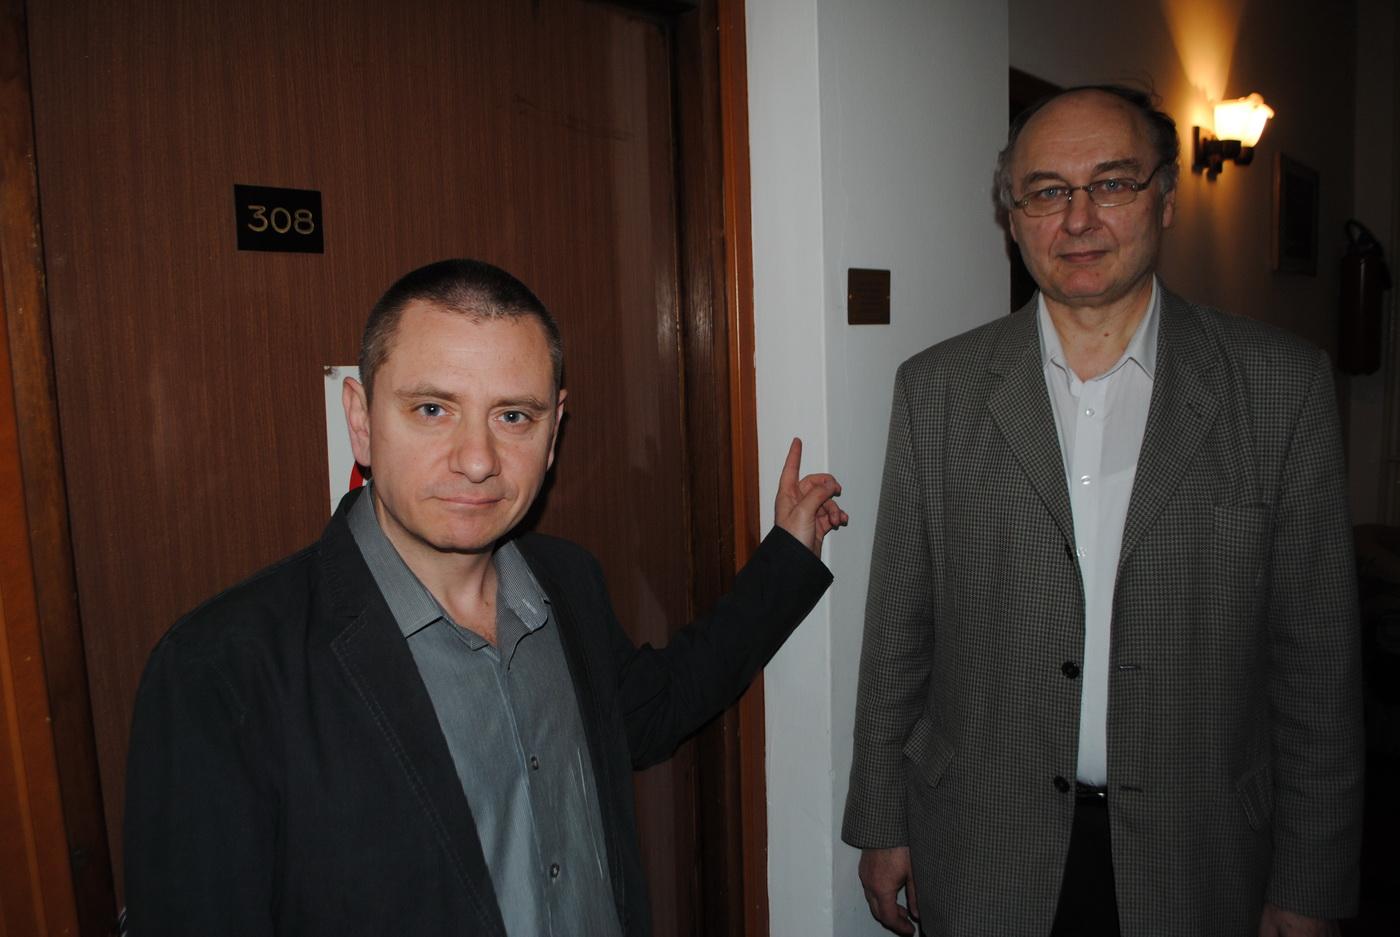 """Nikola Malović i Dragan Milosavljević ispred sobe 308 hotela """"Kasina"""" na Terazijama (Foto: Laguna)"""